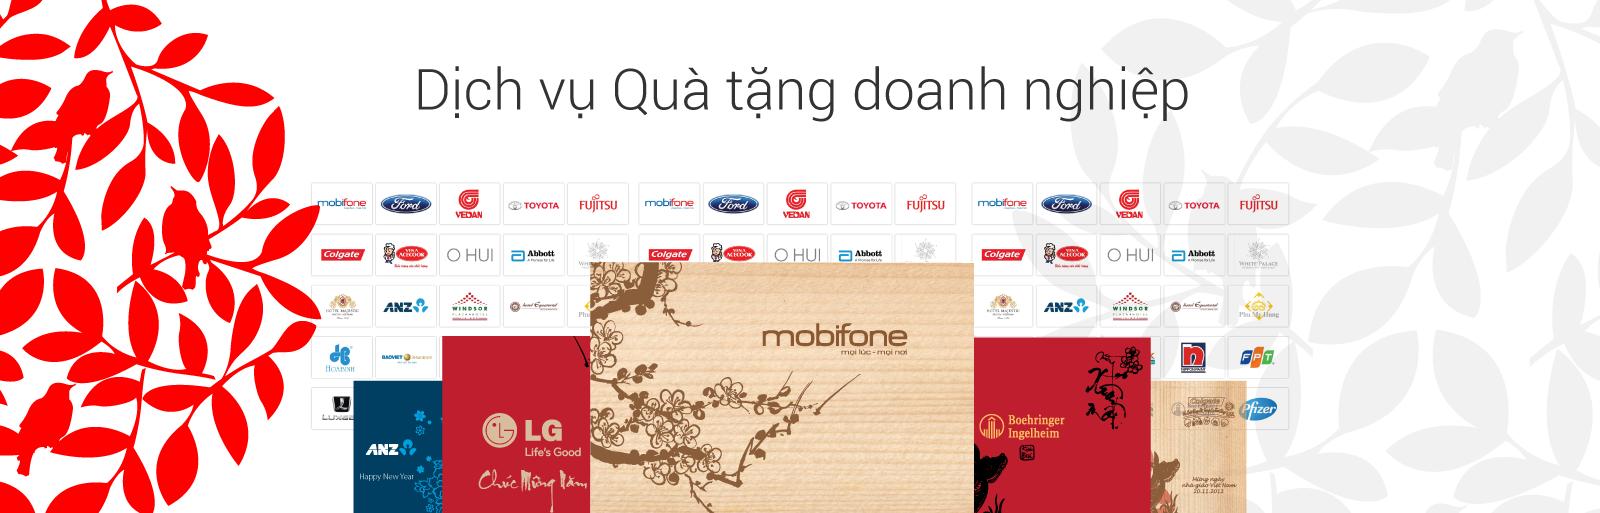 banner-qua-tang-doanh-nghiep